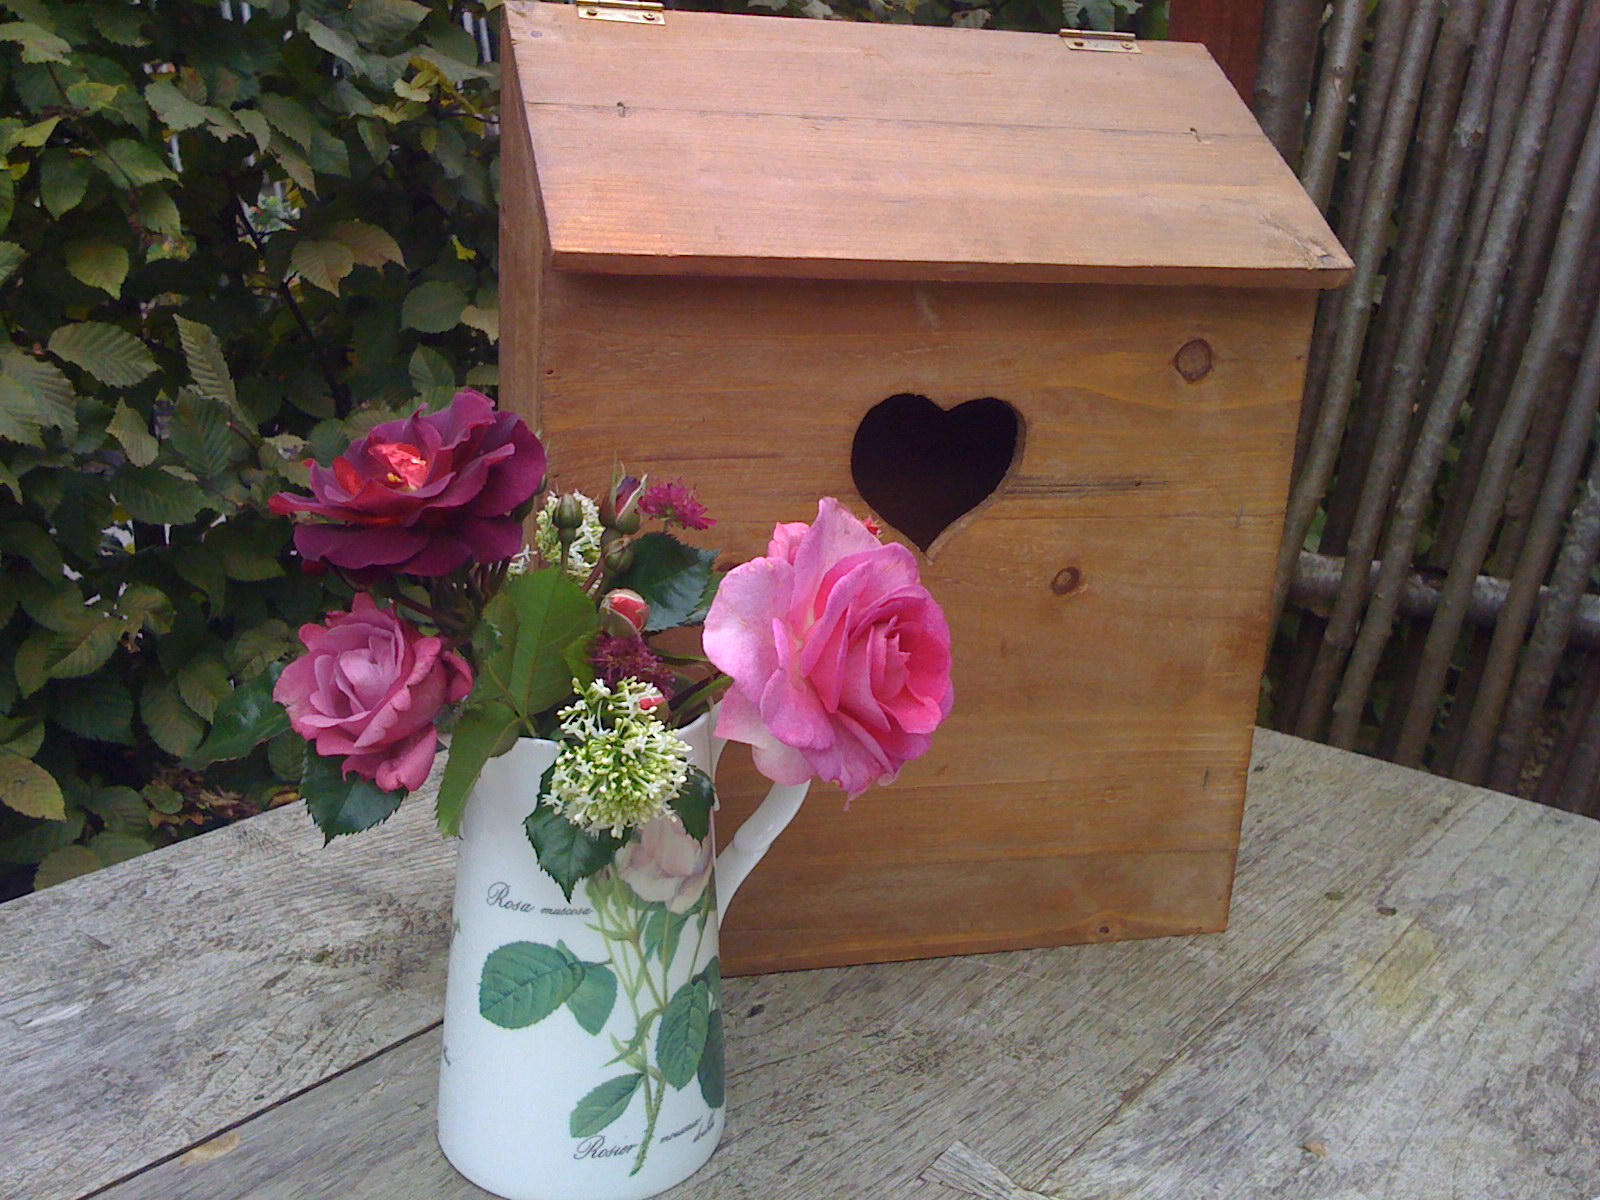 La passion des rosiers la p pini re fil roses un petit - Deplacer un rosier ...